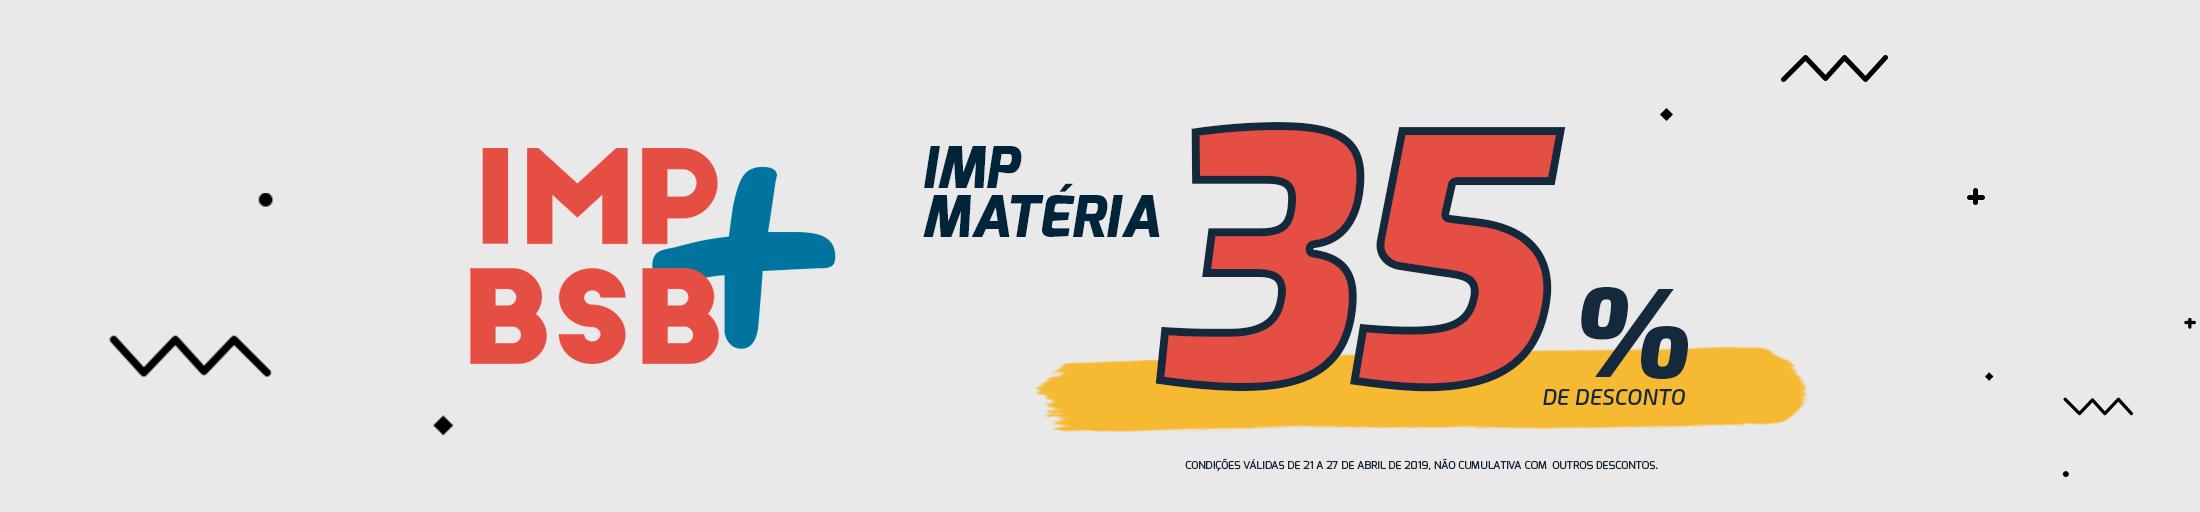 BANNER-SITE-IMP-MATÉRIA